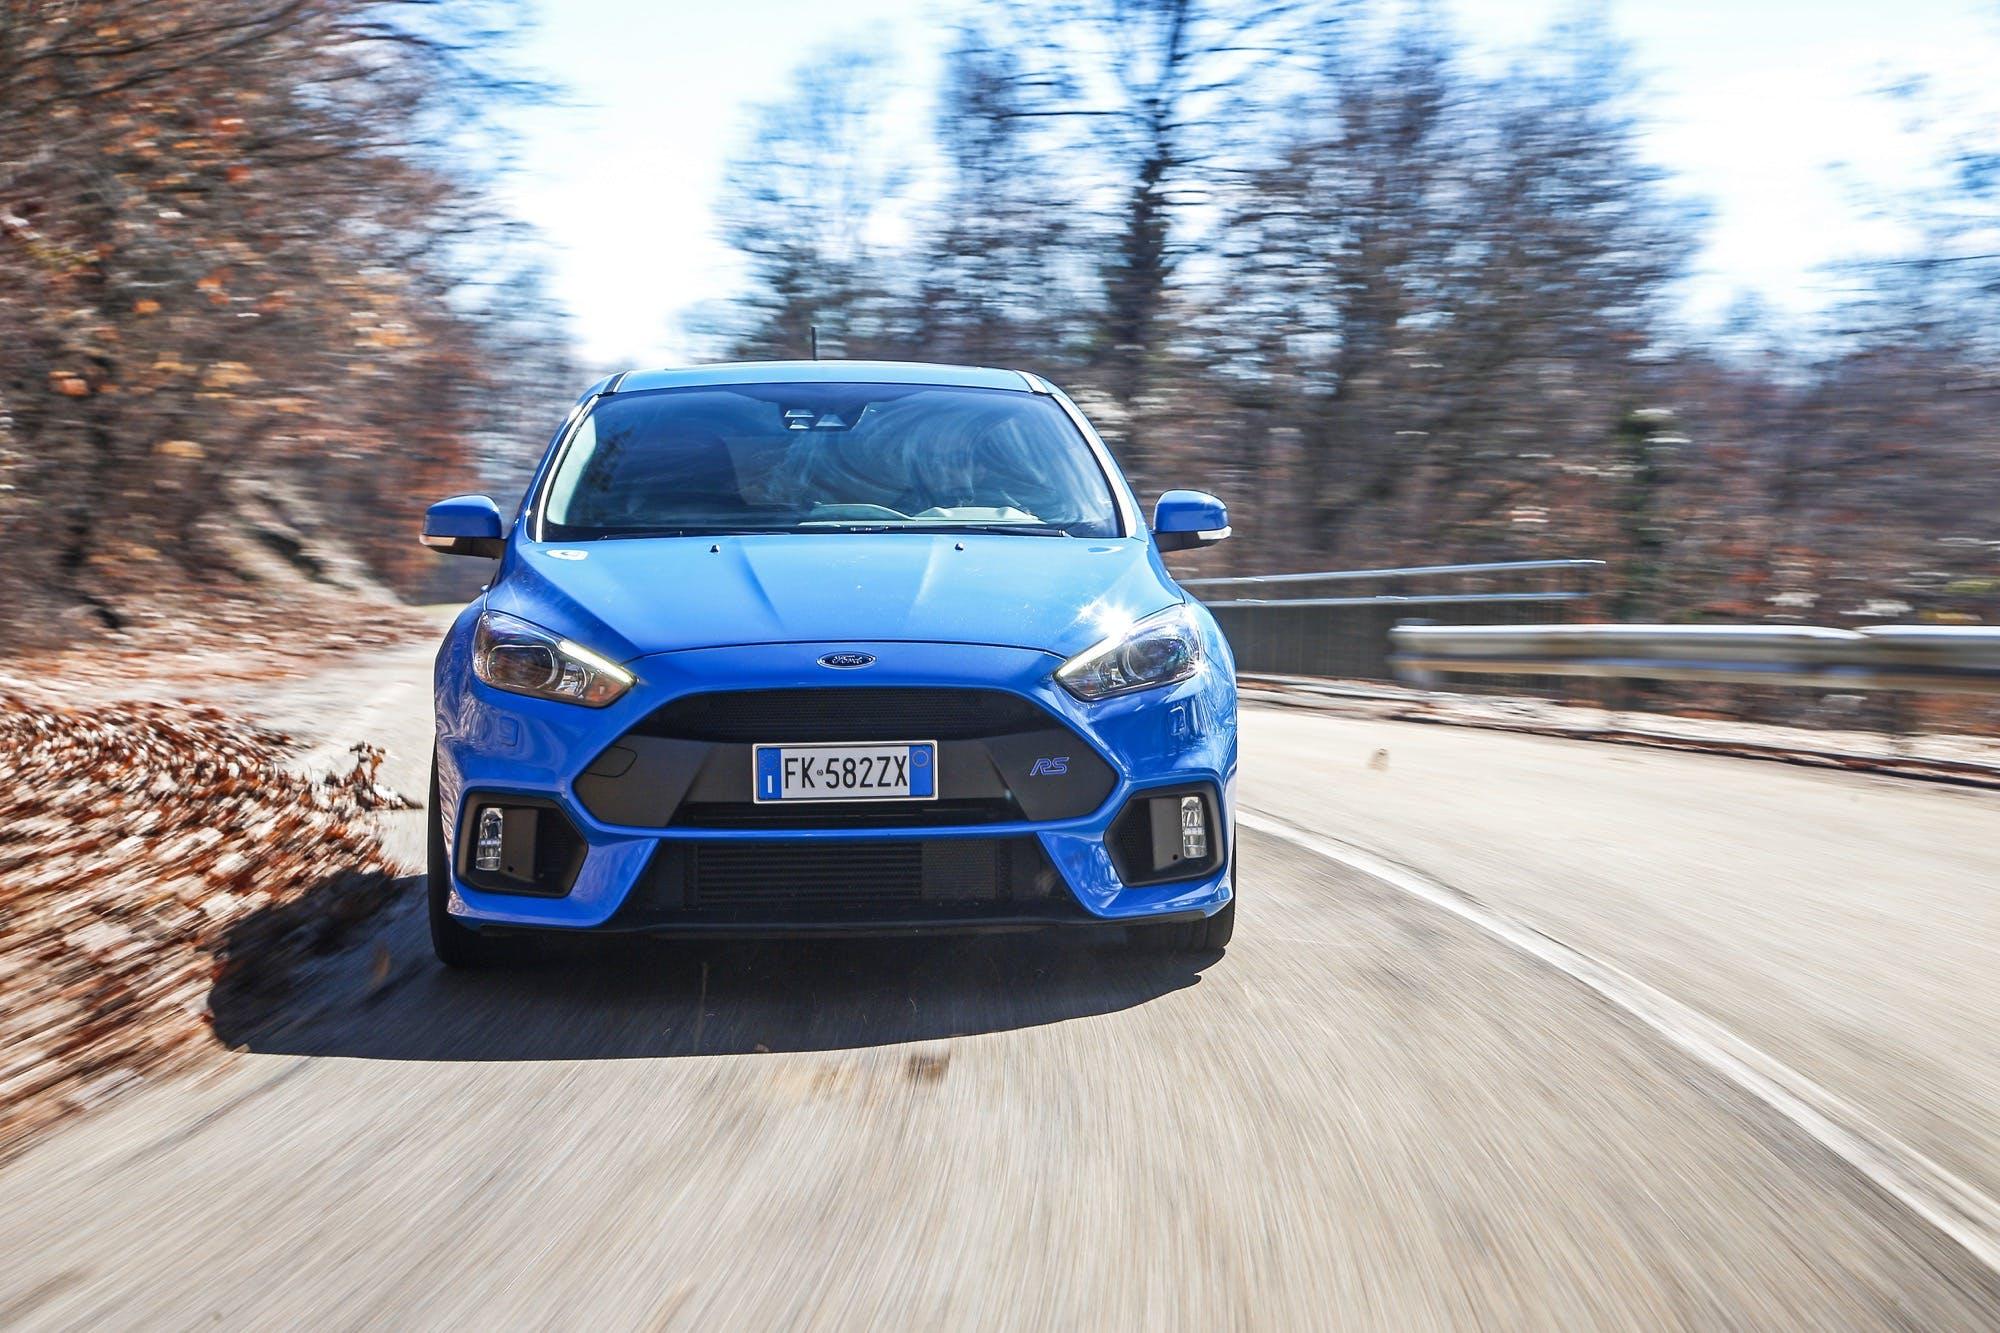 Il cattivissimo frontale della Ford Focus RS 2016 impegnata in curva ad elevata velocità di percorrenza